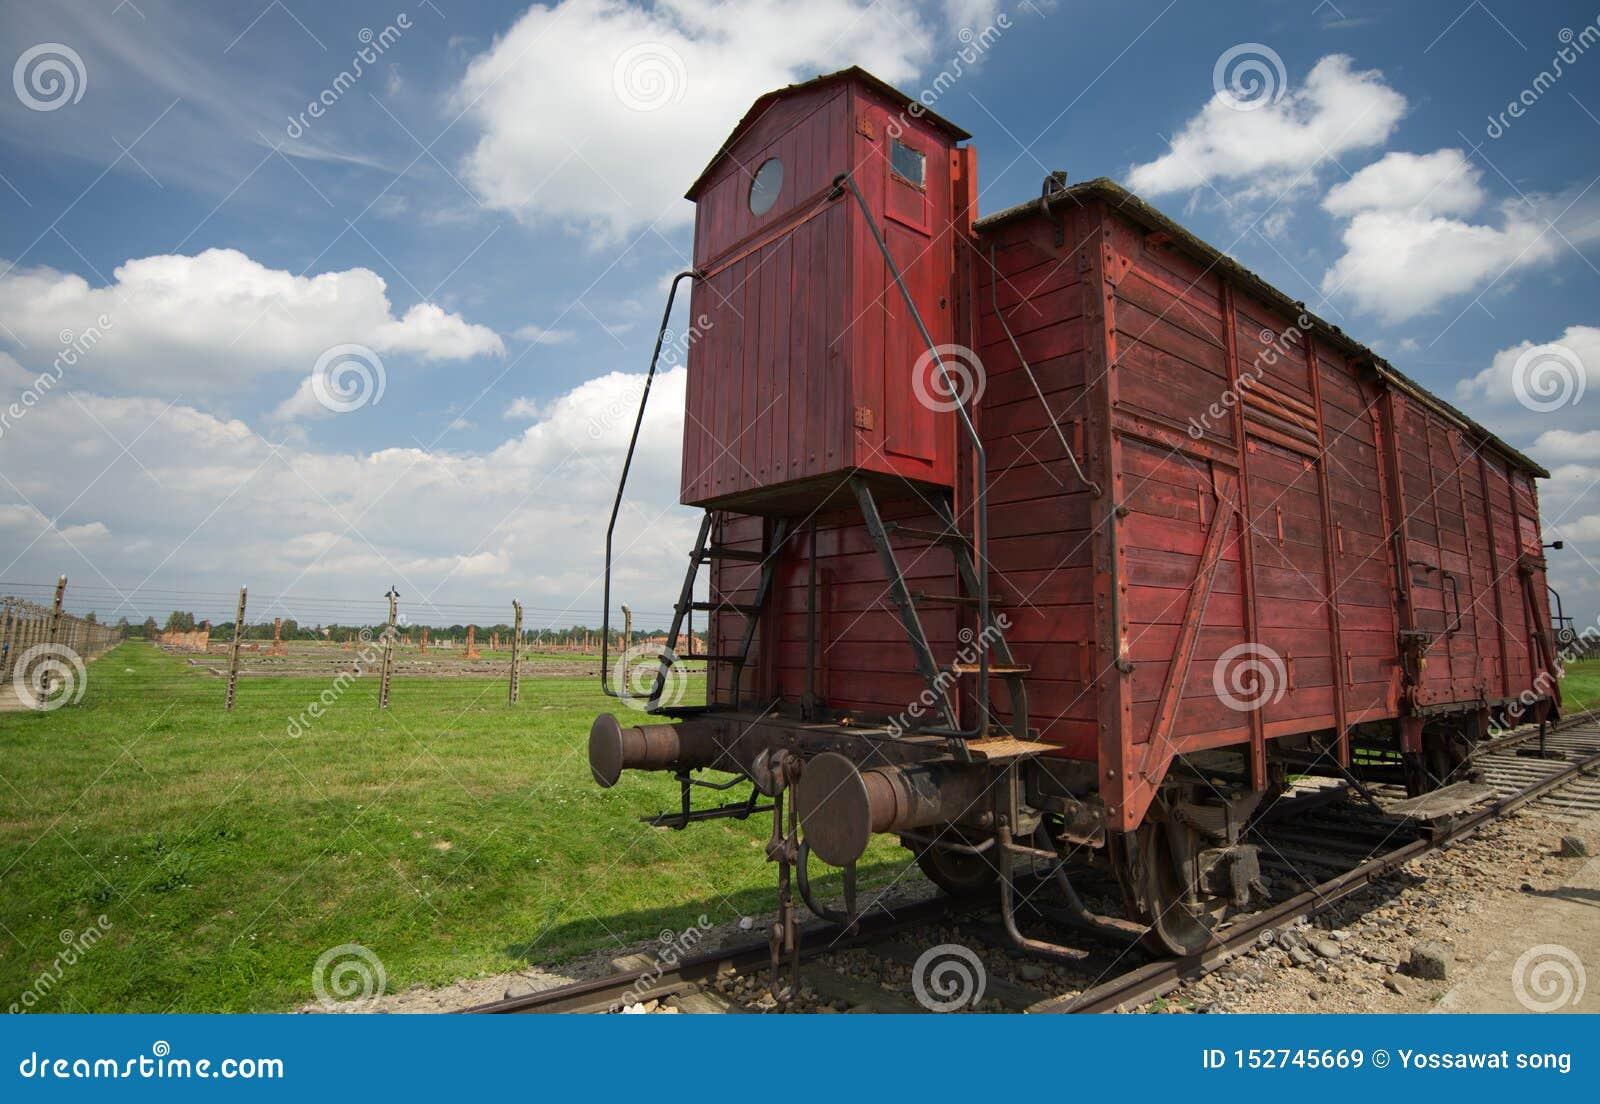 运货车在奥斯威辛II比克瑙,华沙,波兰